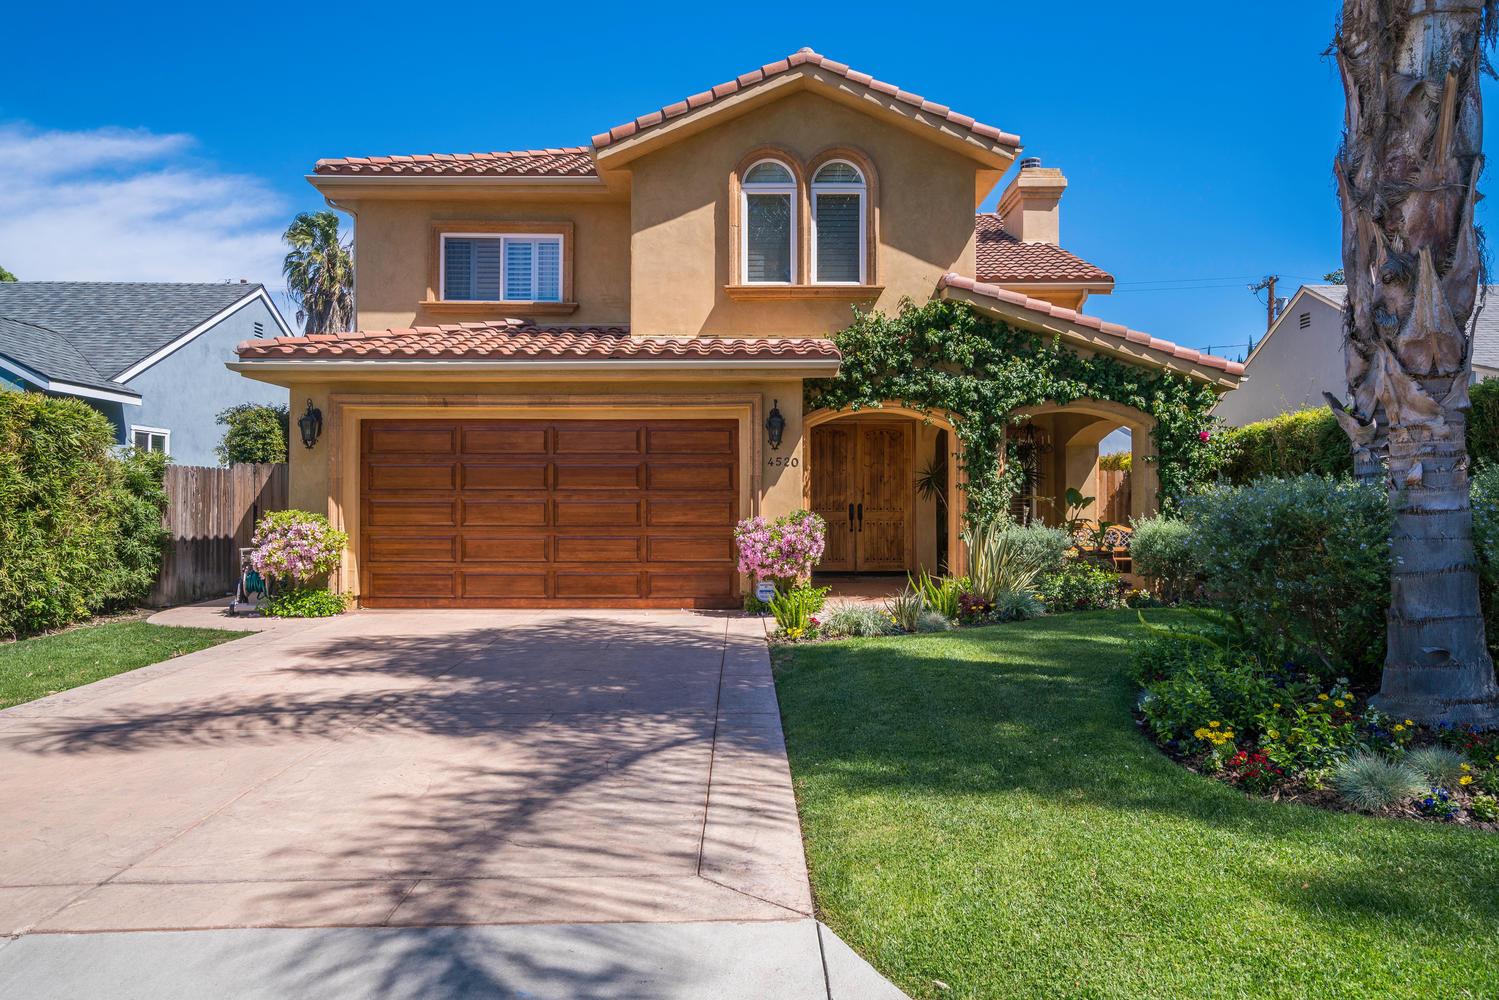 Maison unifamiliale pour l Vente à 4520 Tyrone Ave Sherman Oaks, Californie 91423 États-Unis